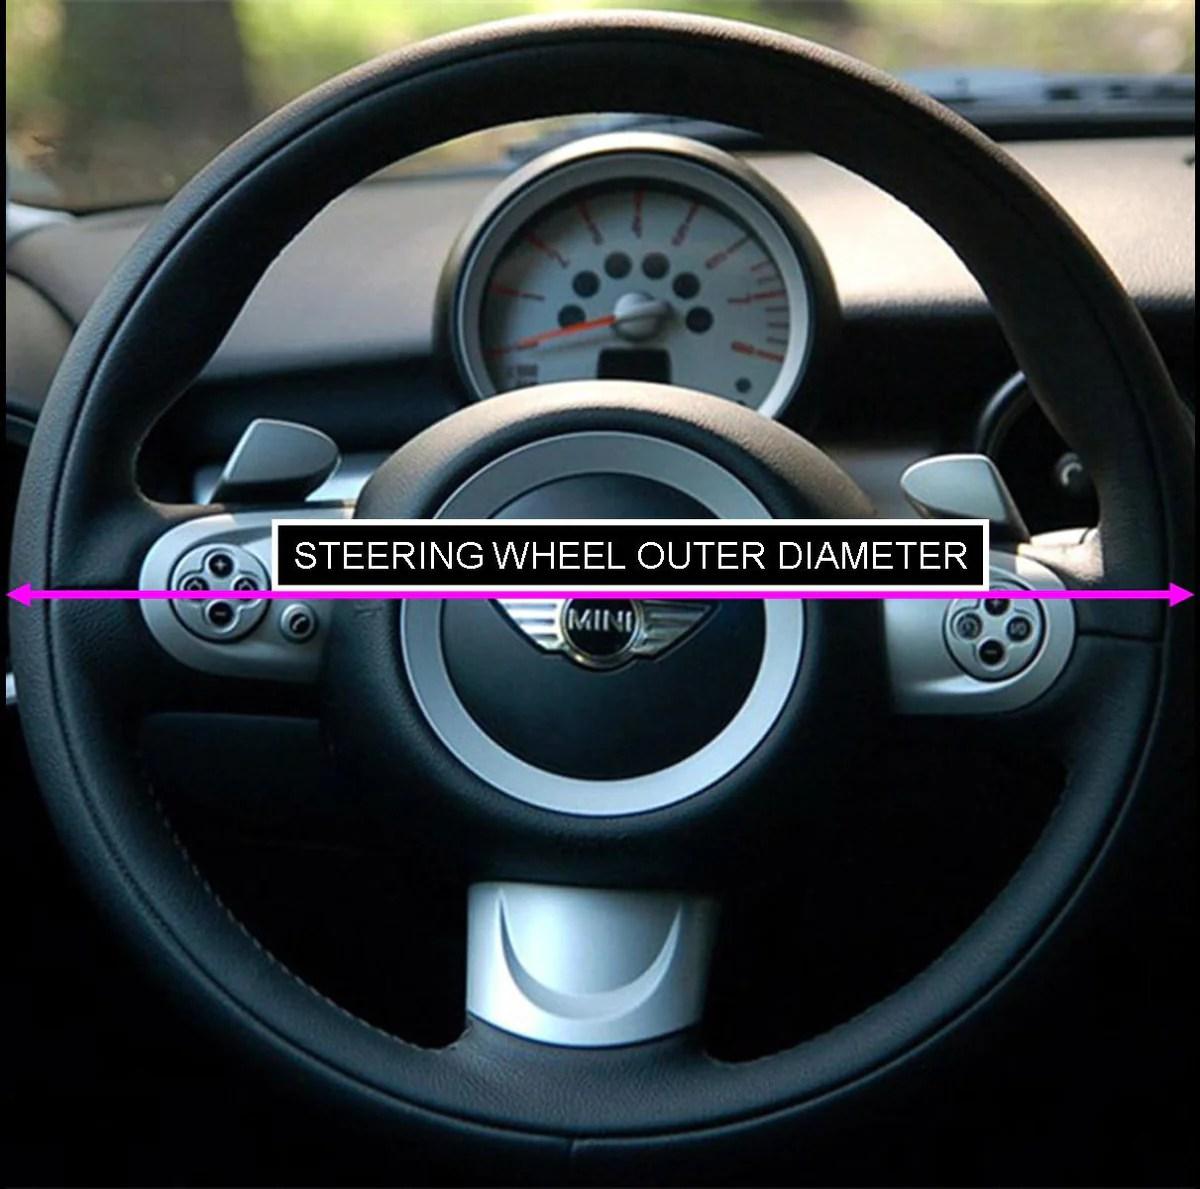 2000 buick lesabre steering wheel [ 1200 x 1189 Pixel ]